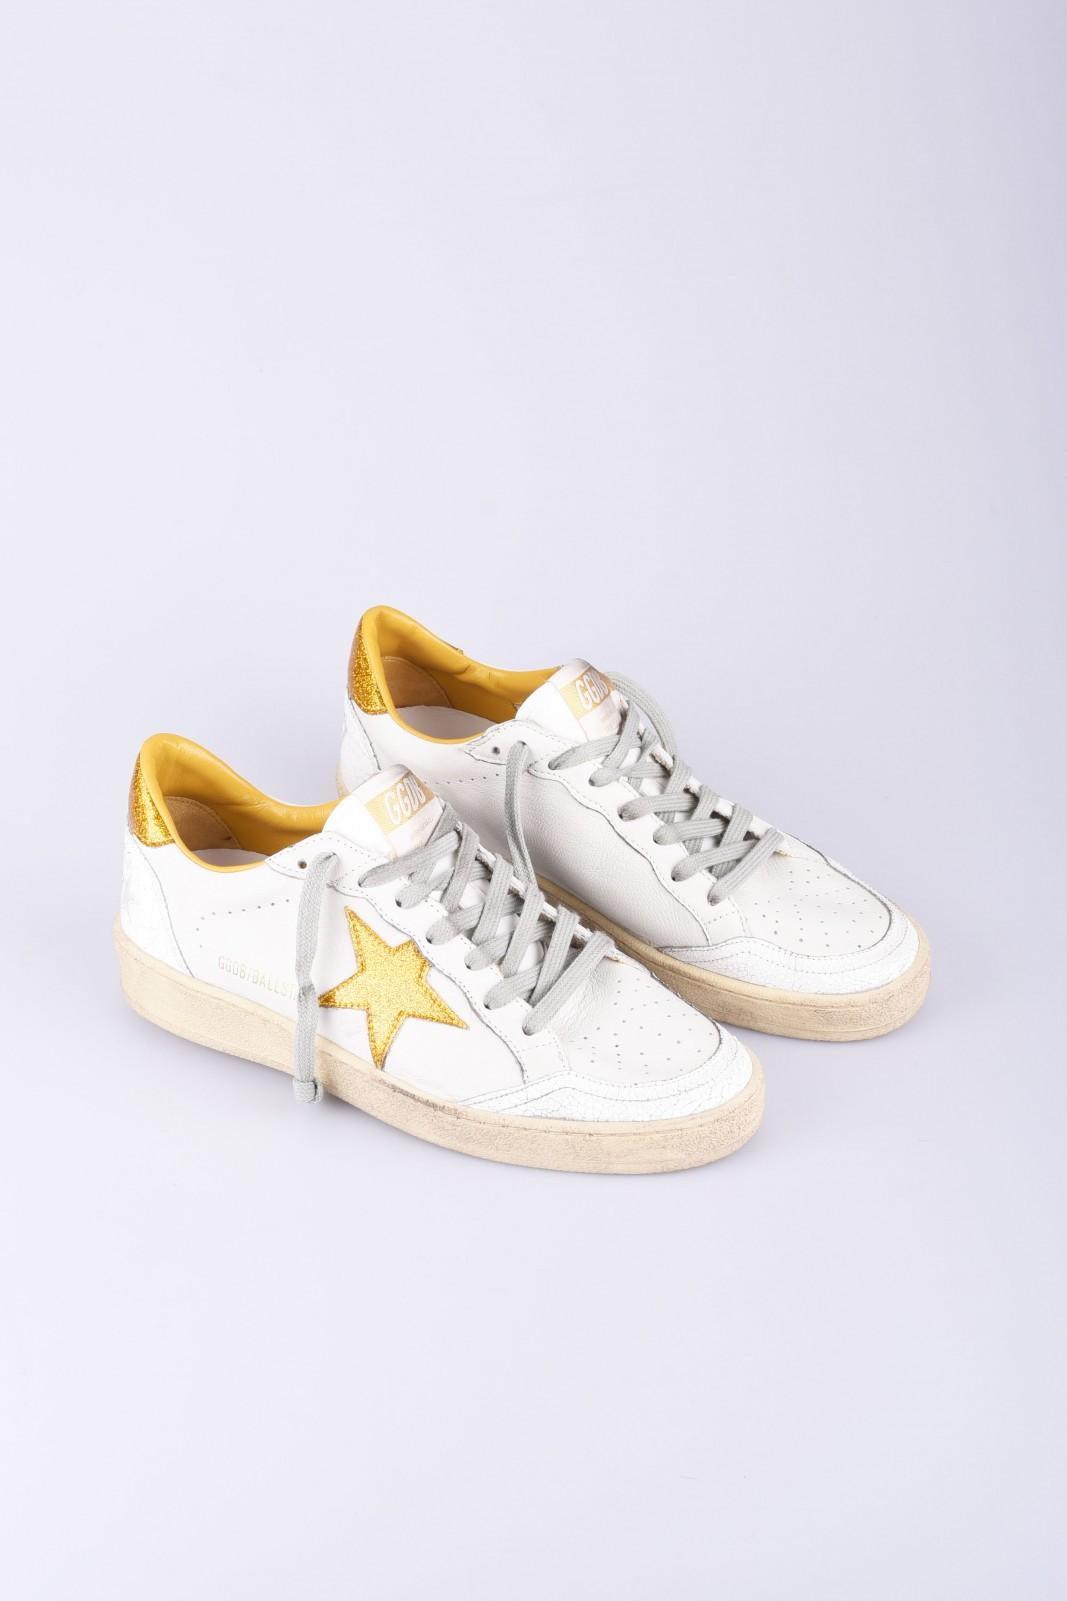 GOLDEN GOOSE DELUXE BRAND Ball Star sneakers